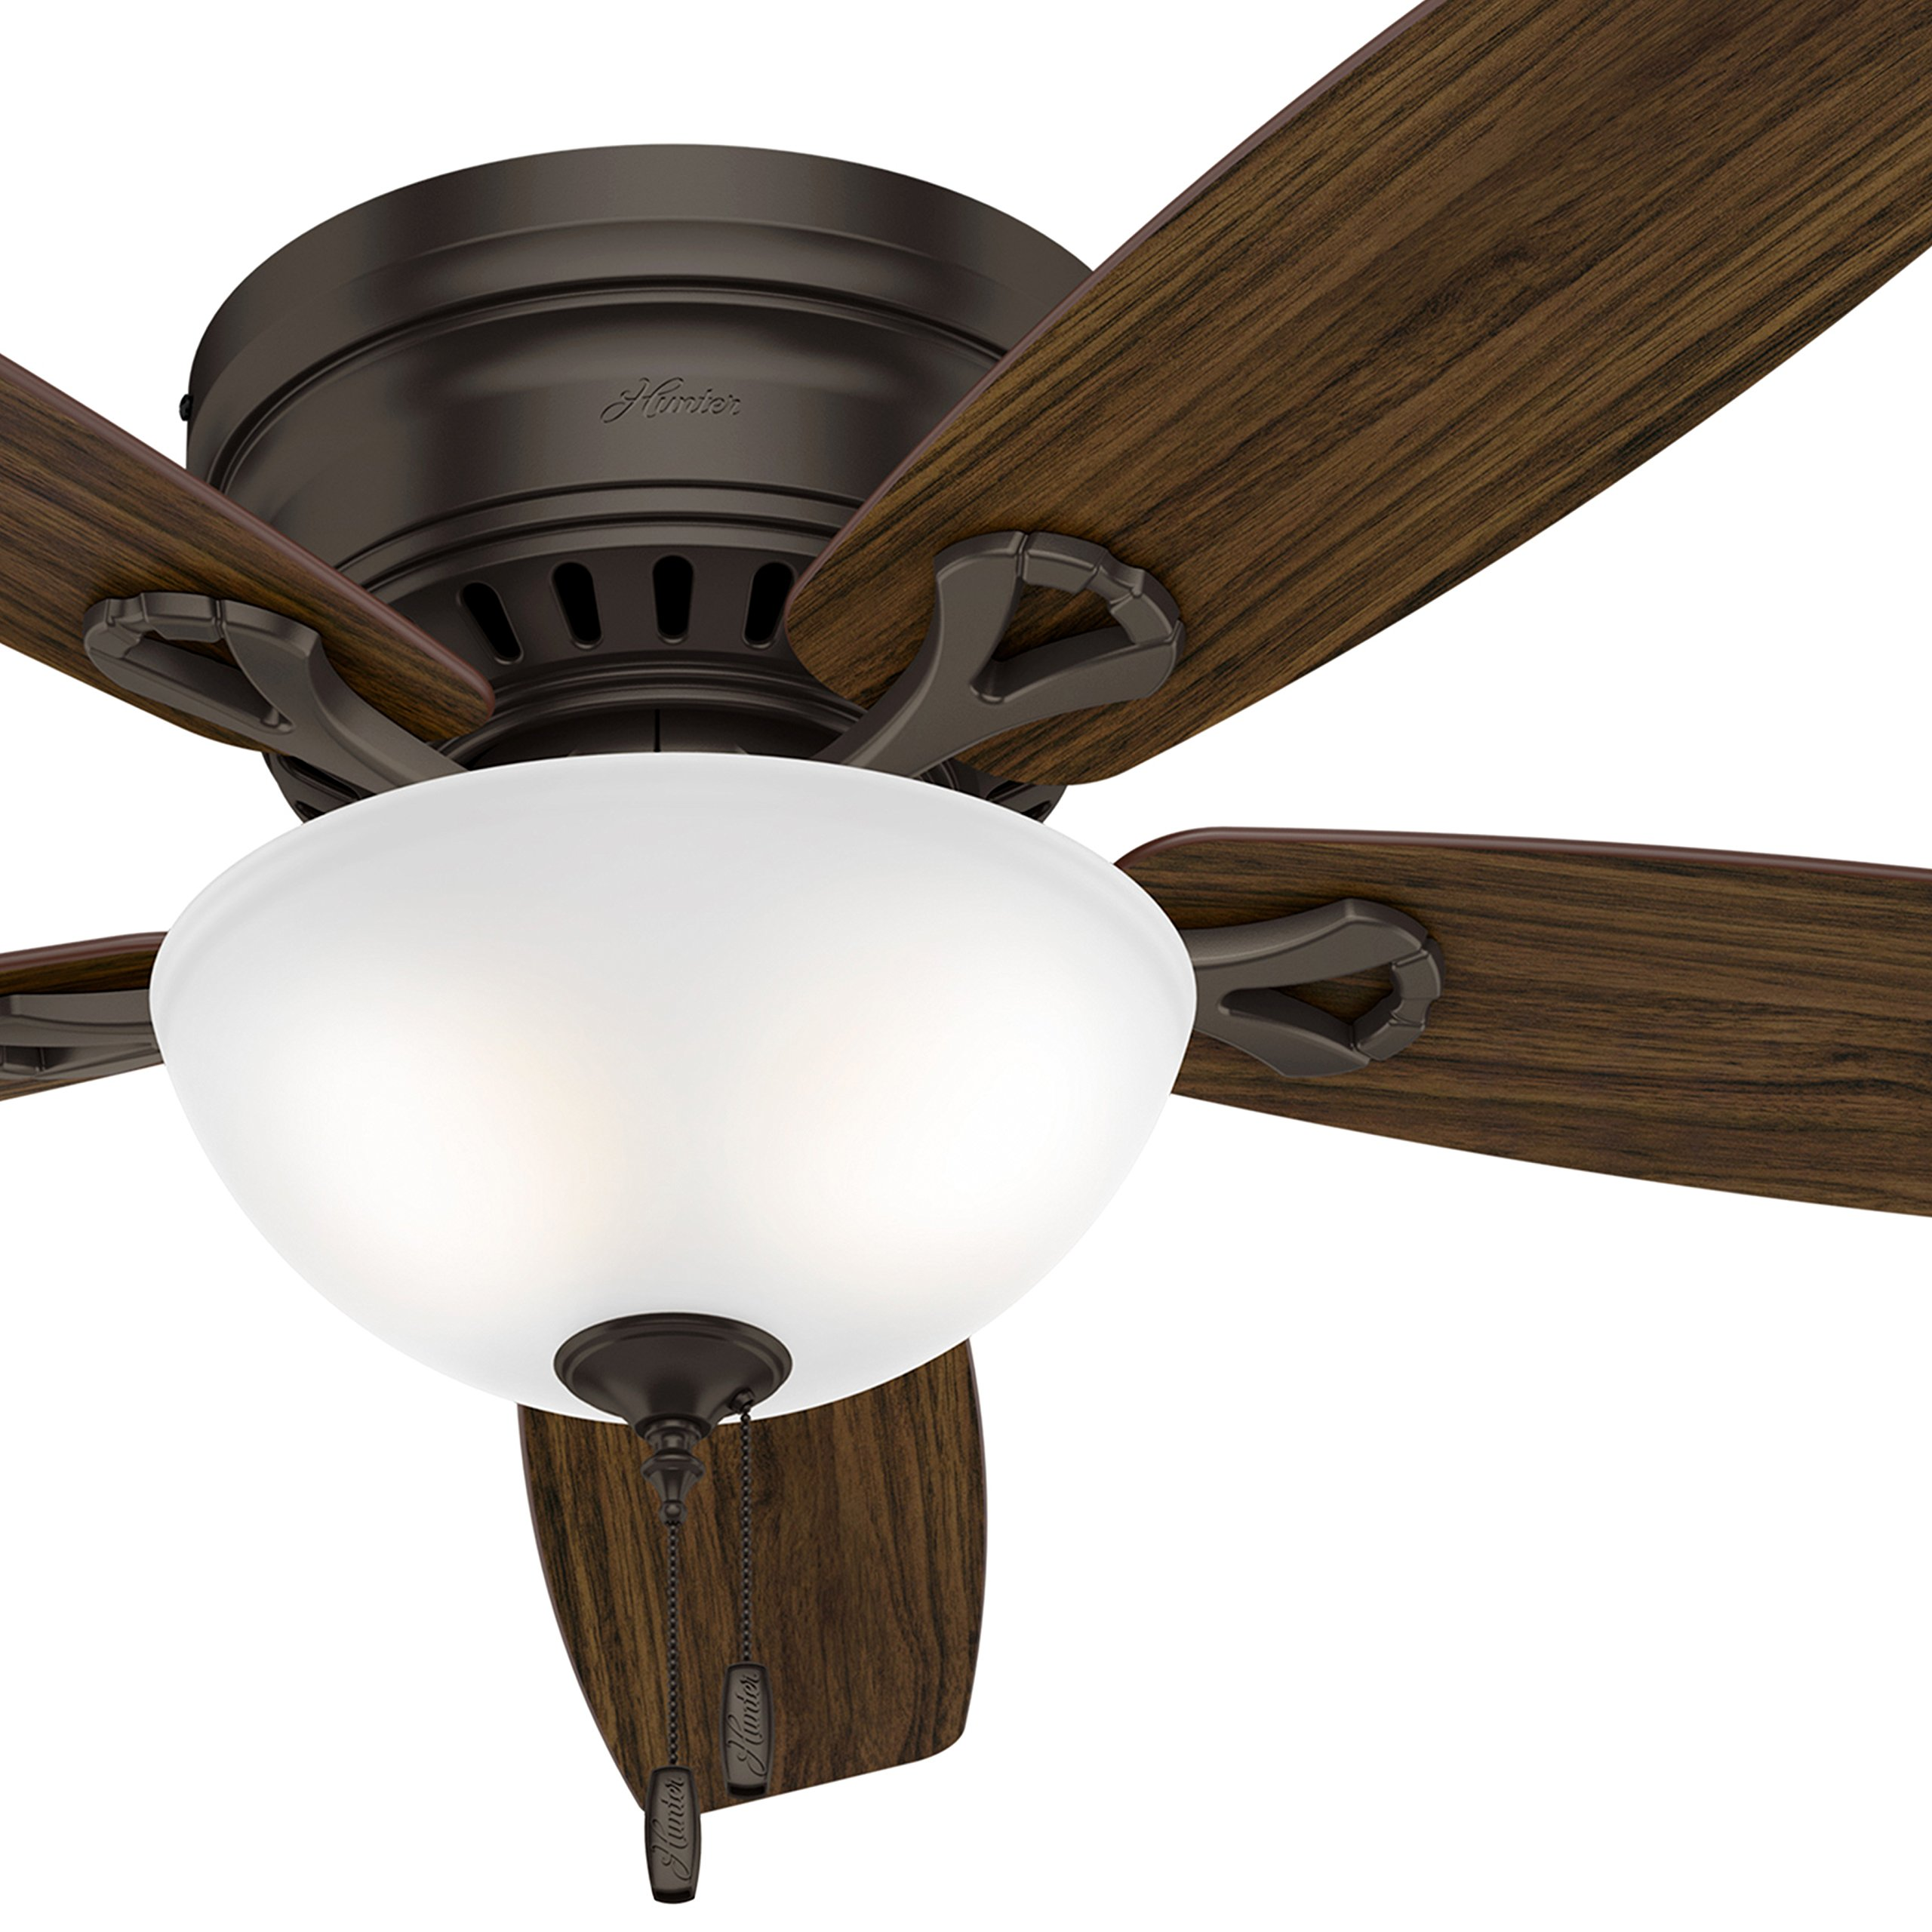 Hunter Fan 52 in. Low Profile Ceiling Fan in Premier Bronze with Bowl LED Light Kit (Certified Refurbished) by Hunter Fan Company